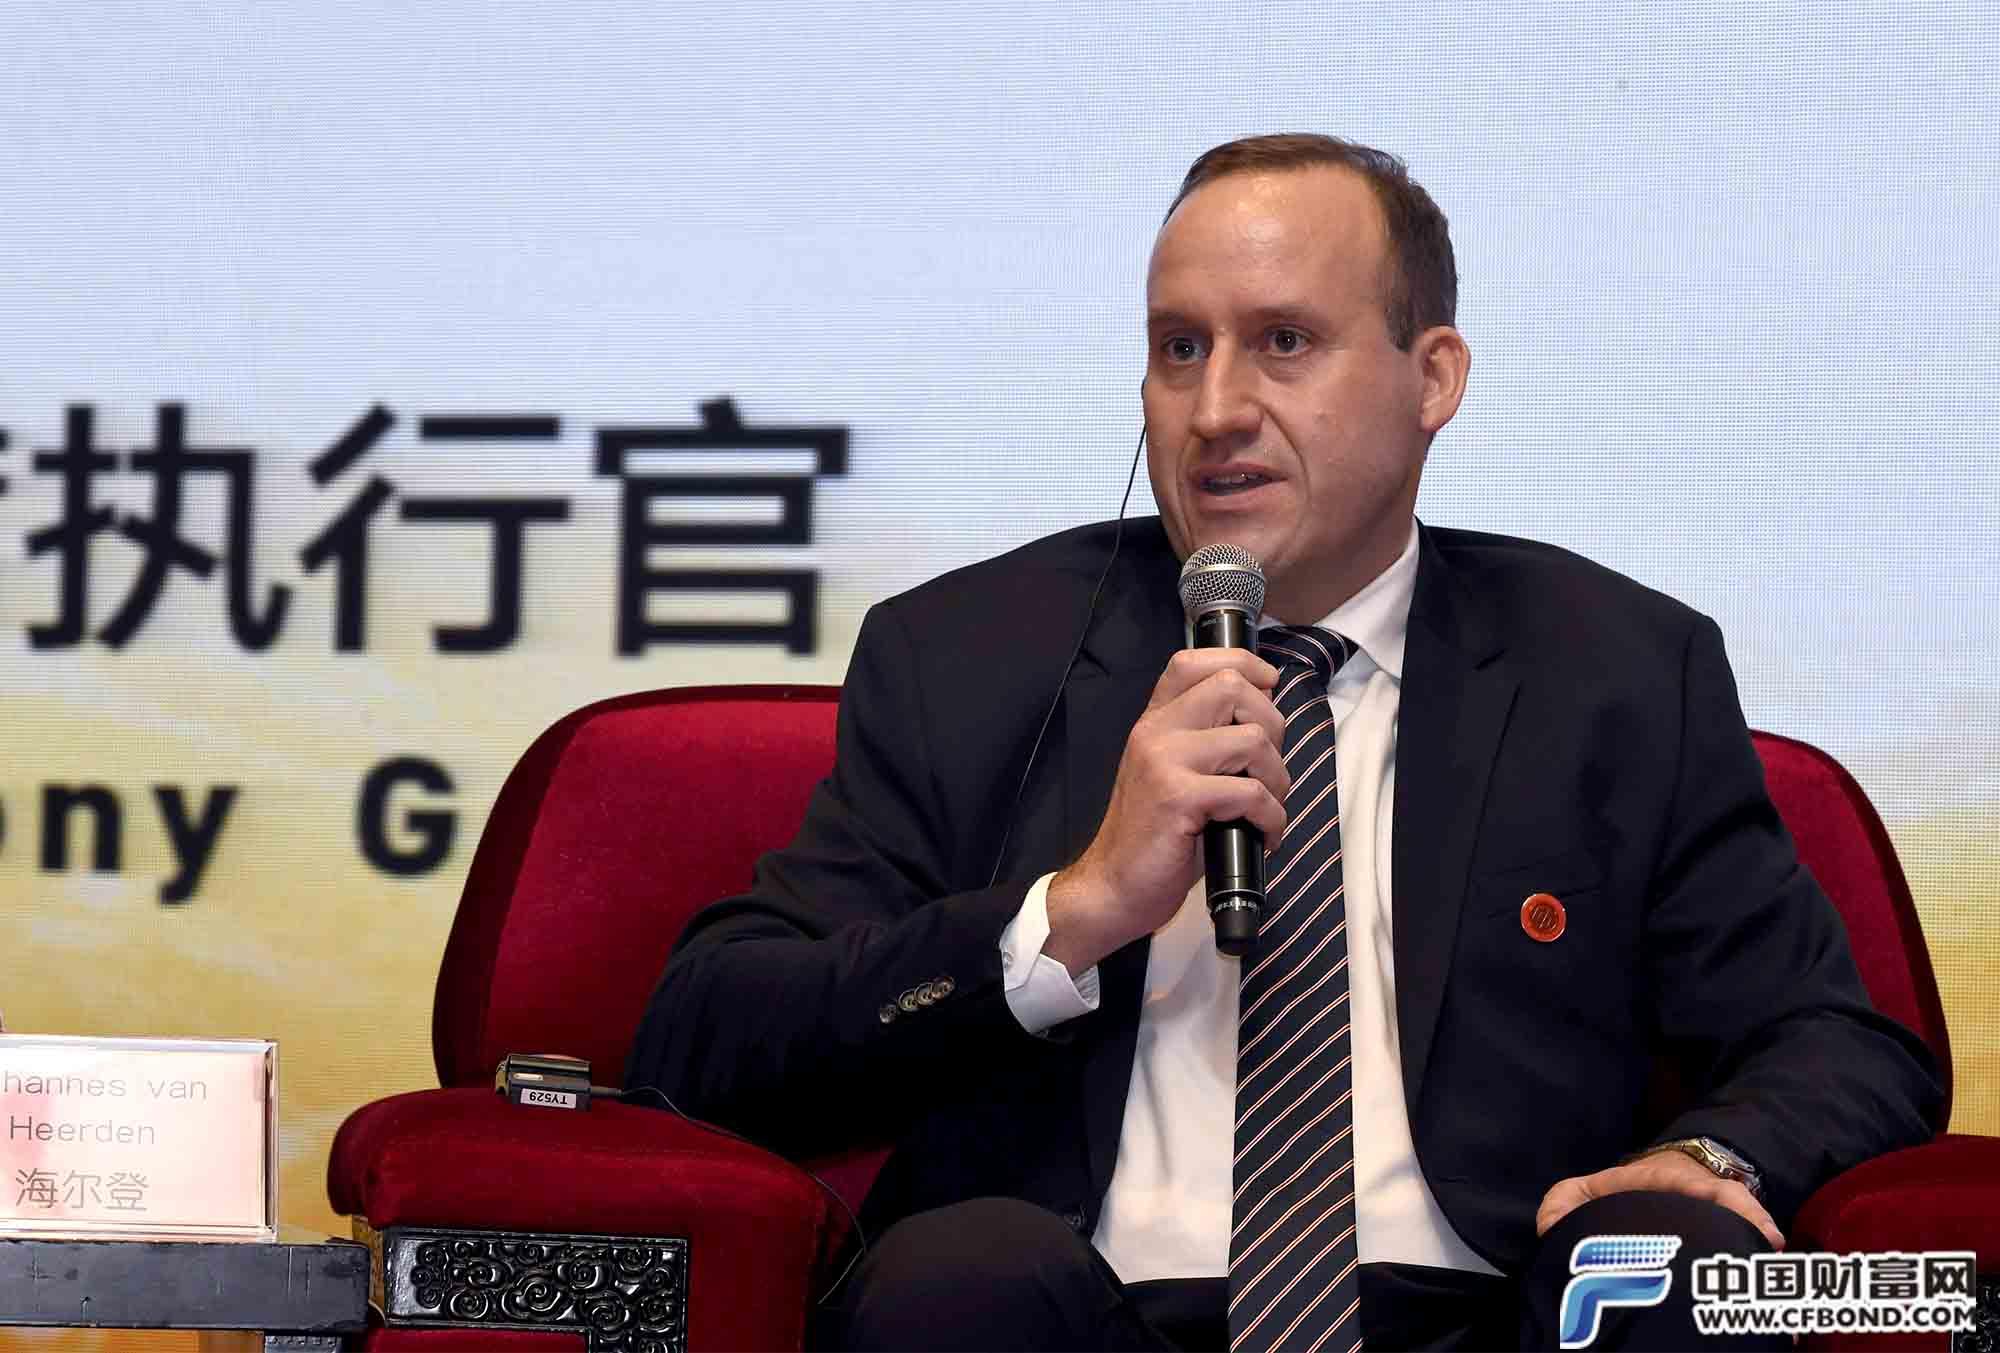 哈莫尼黄金矿业东南亚CEO海尔登发言